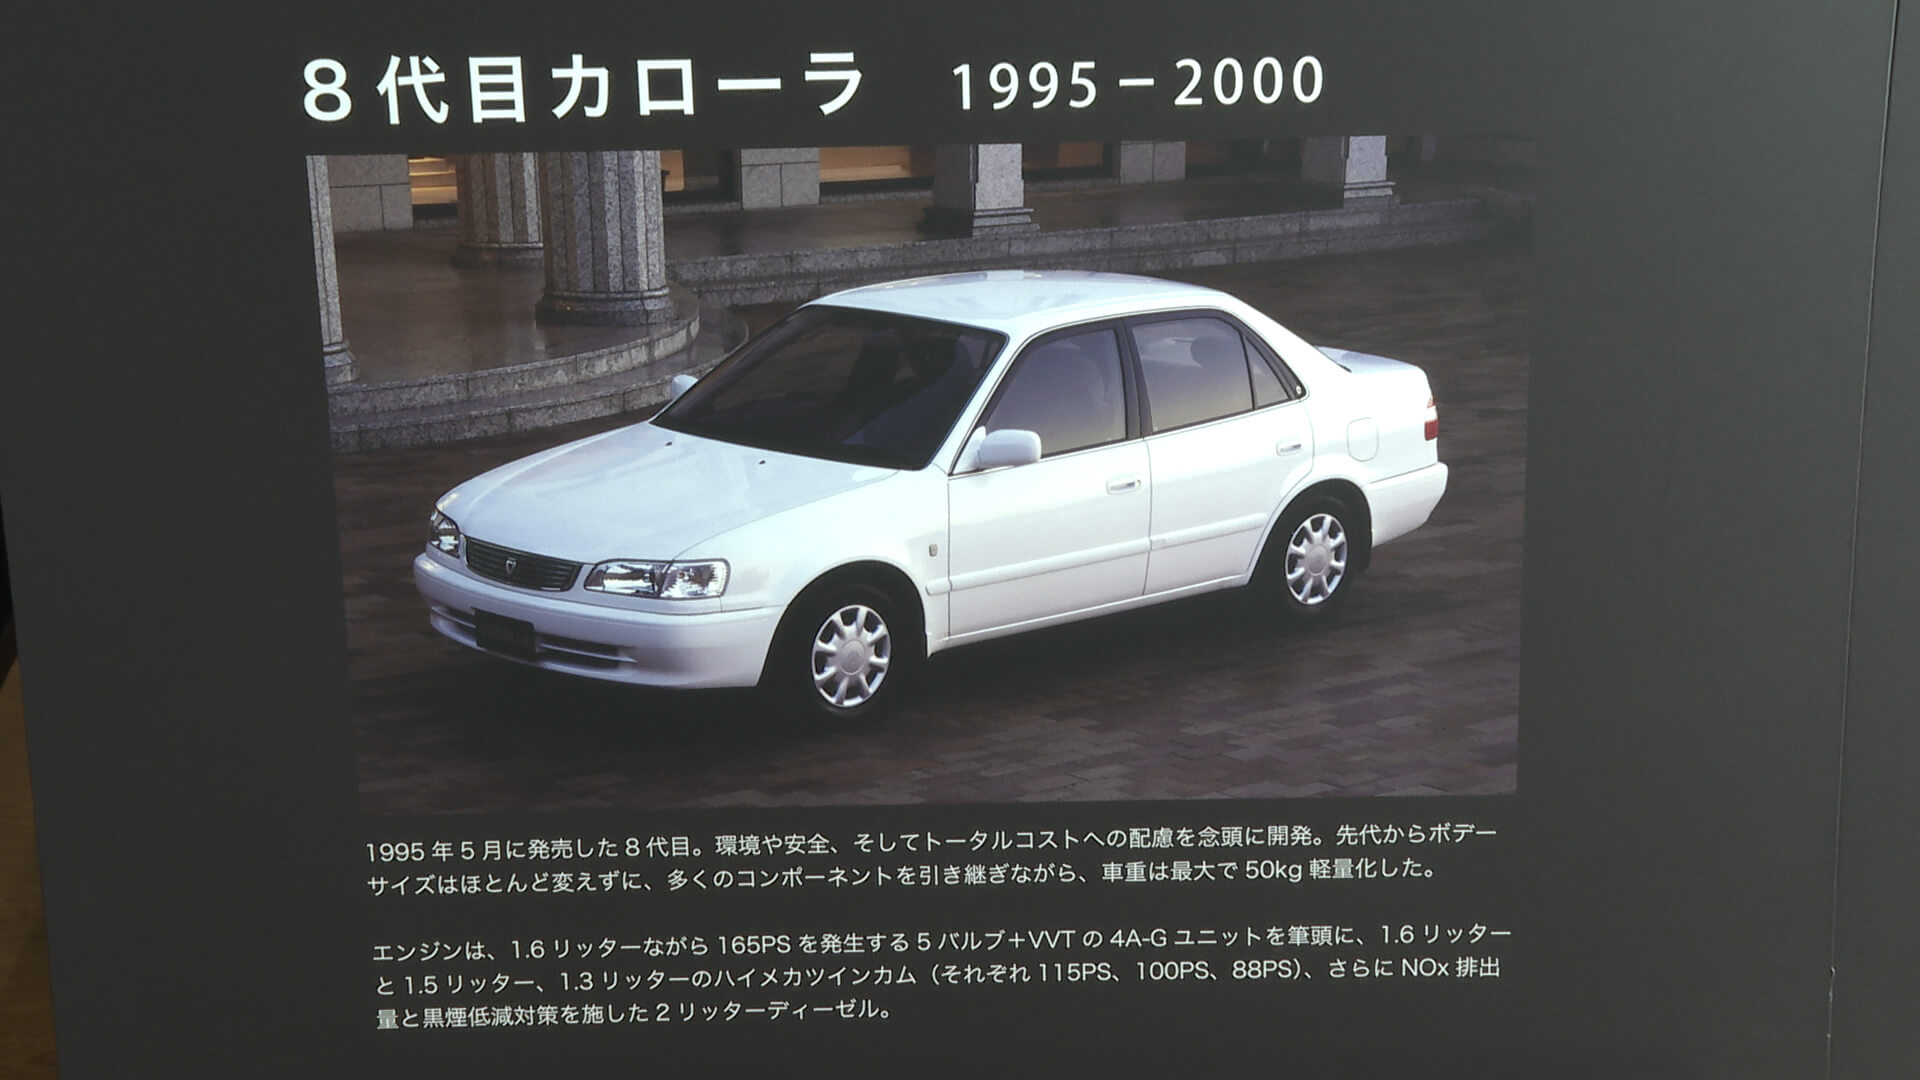 トヨタ 8代目カローラ(1995年~1999年)